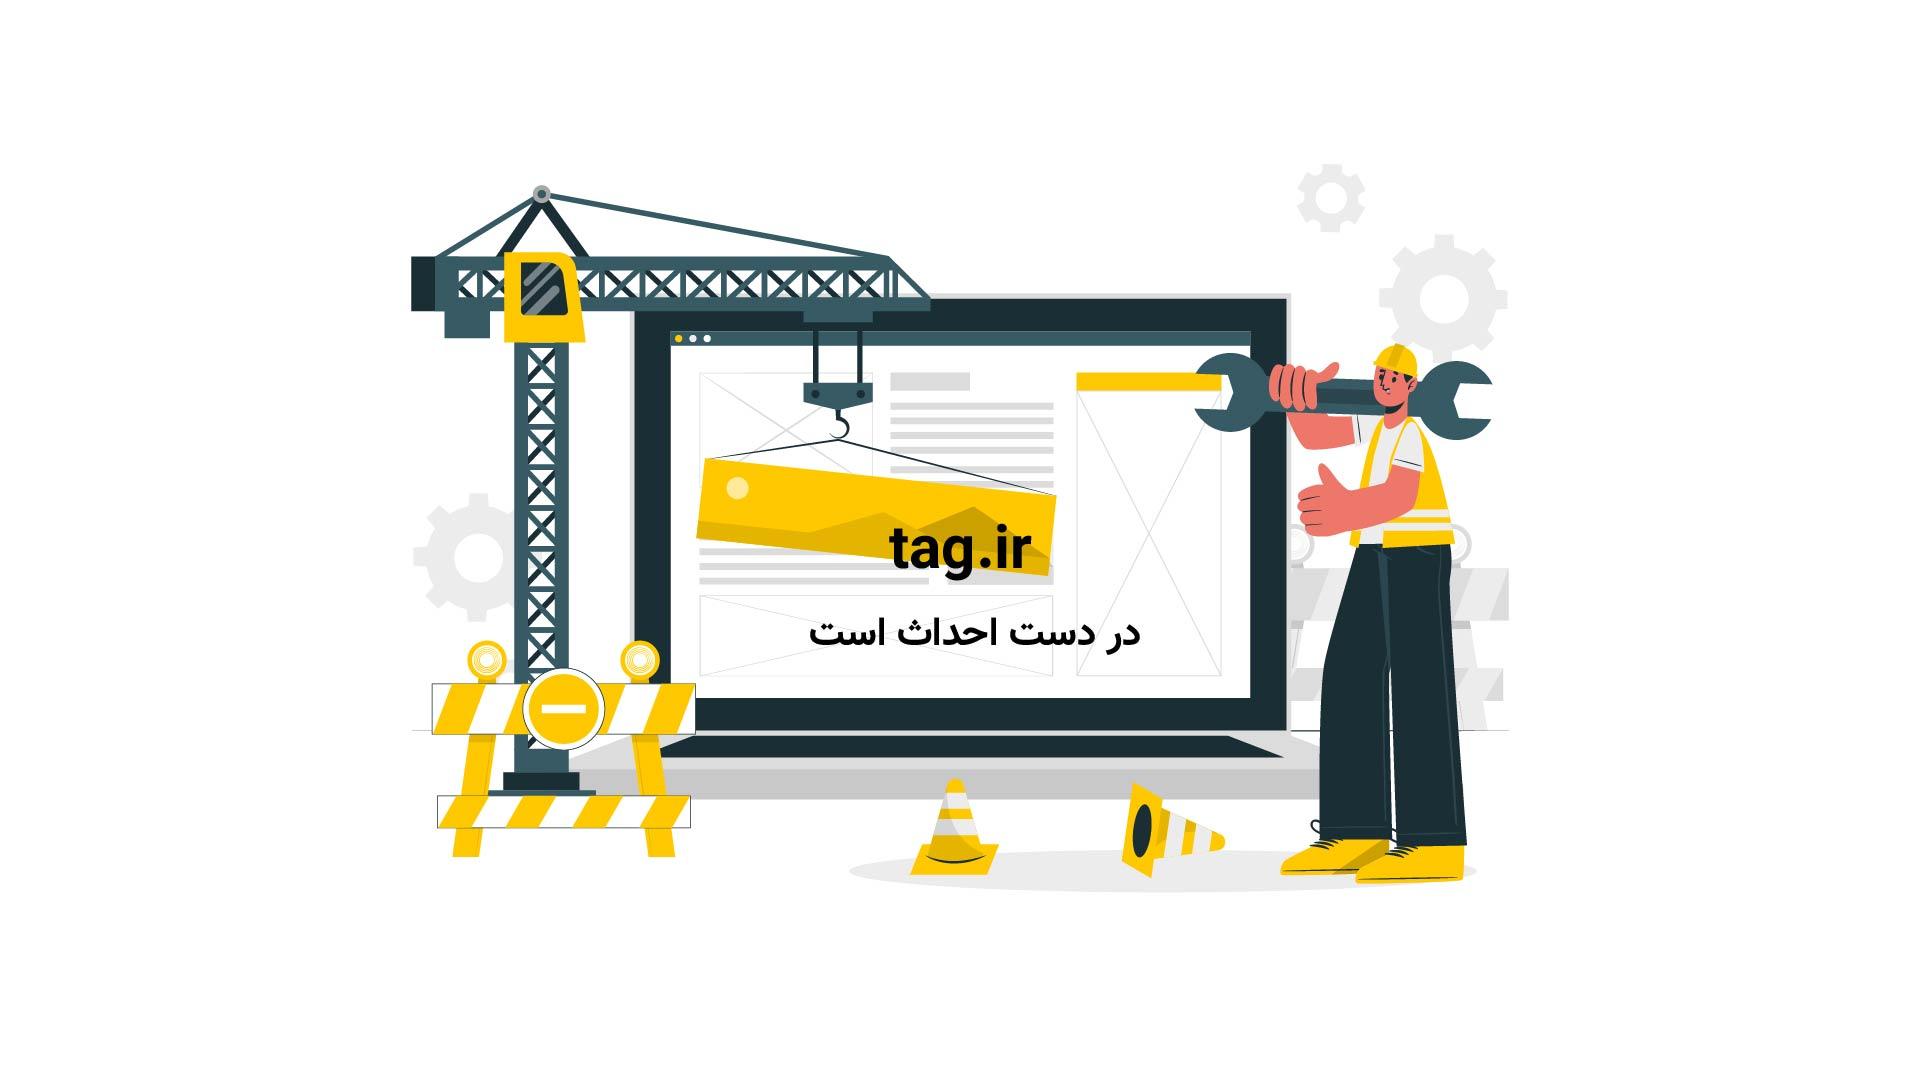 استقبال رسمی روحانی از رئیس جمهور عراق در مجموعه تاریخی – فرهنگی سعدآباد | فیلم